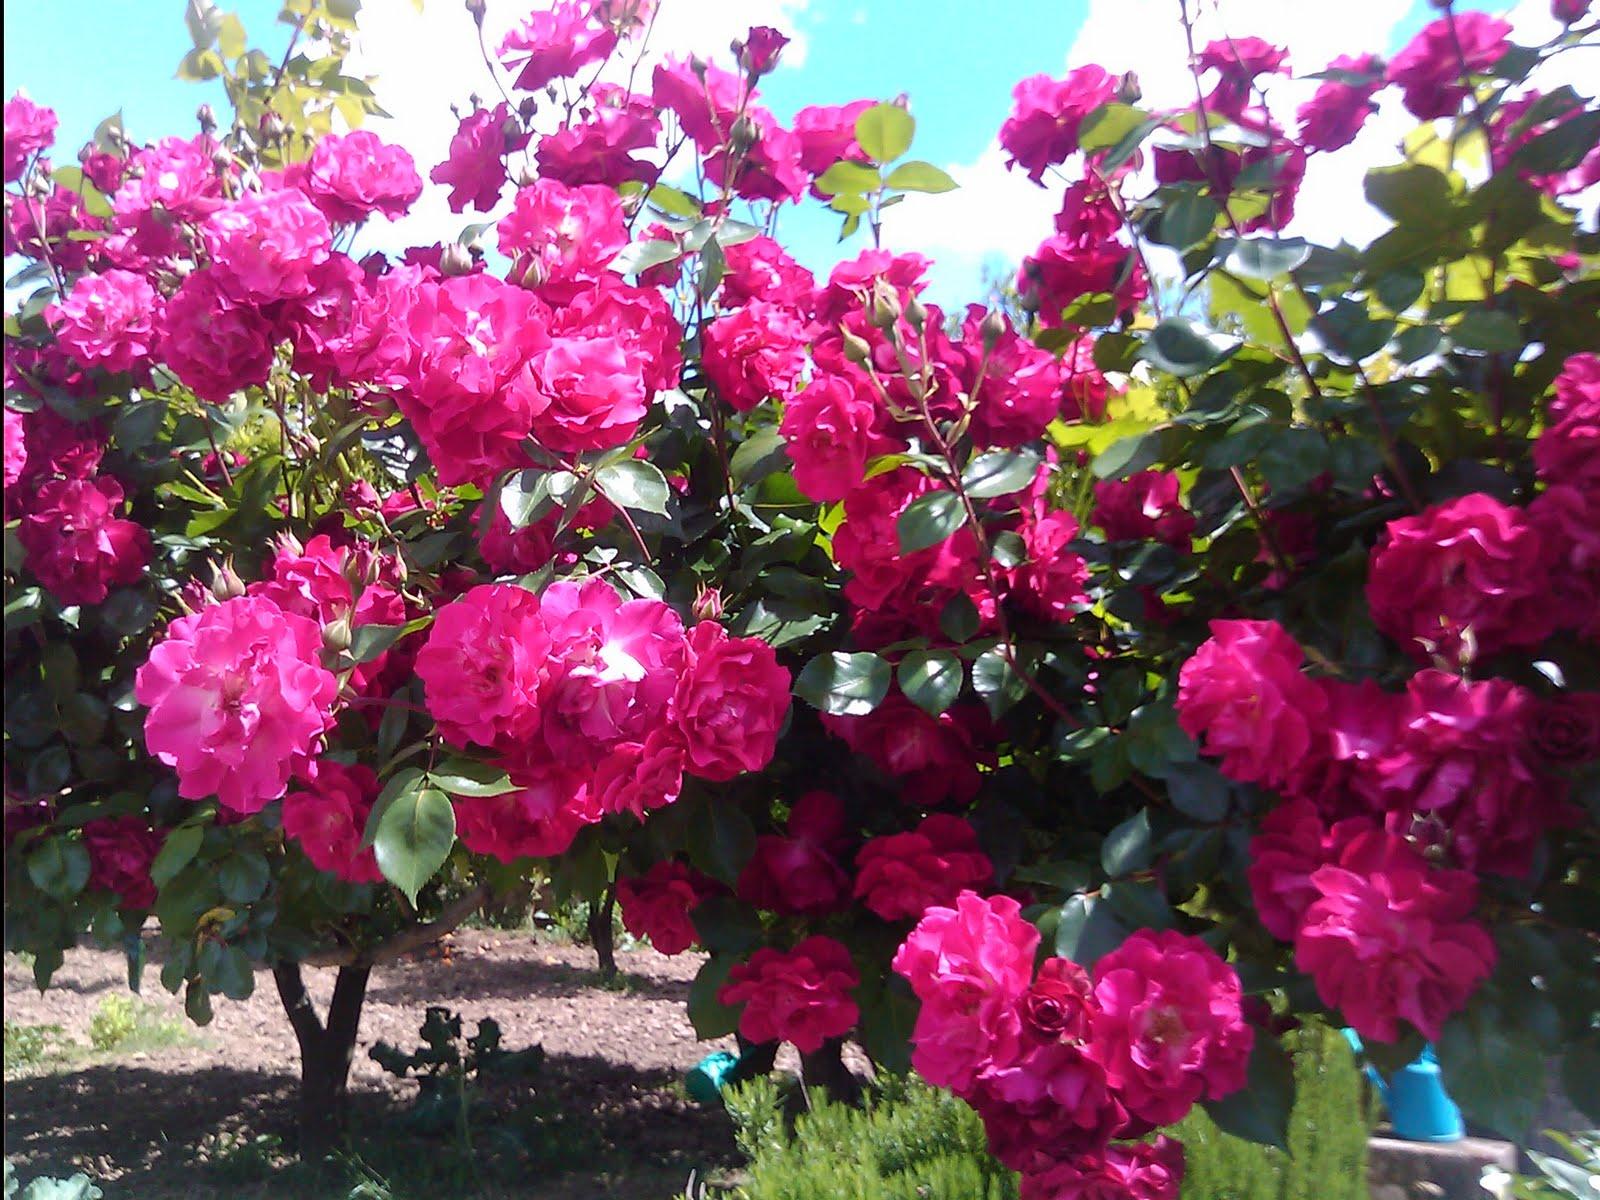 fotos jardim secreto:Passageiro 16: O meu jardim secreto